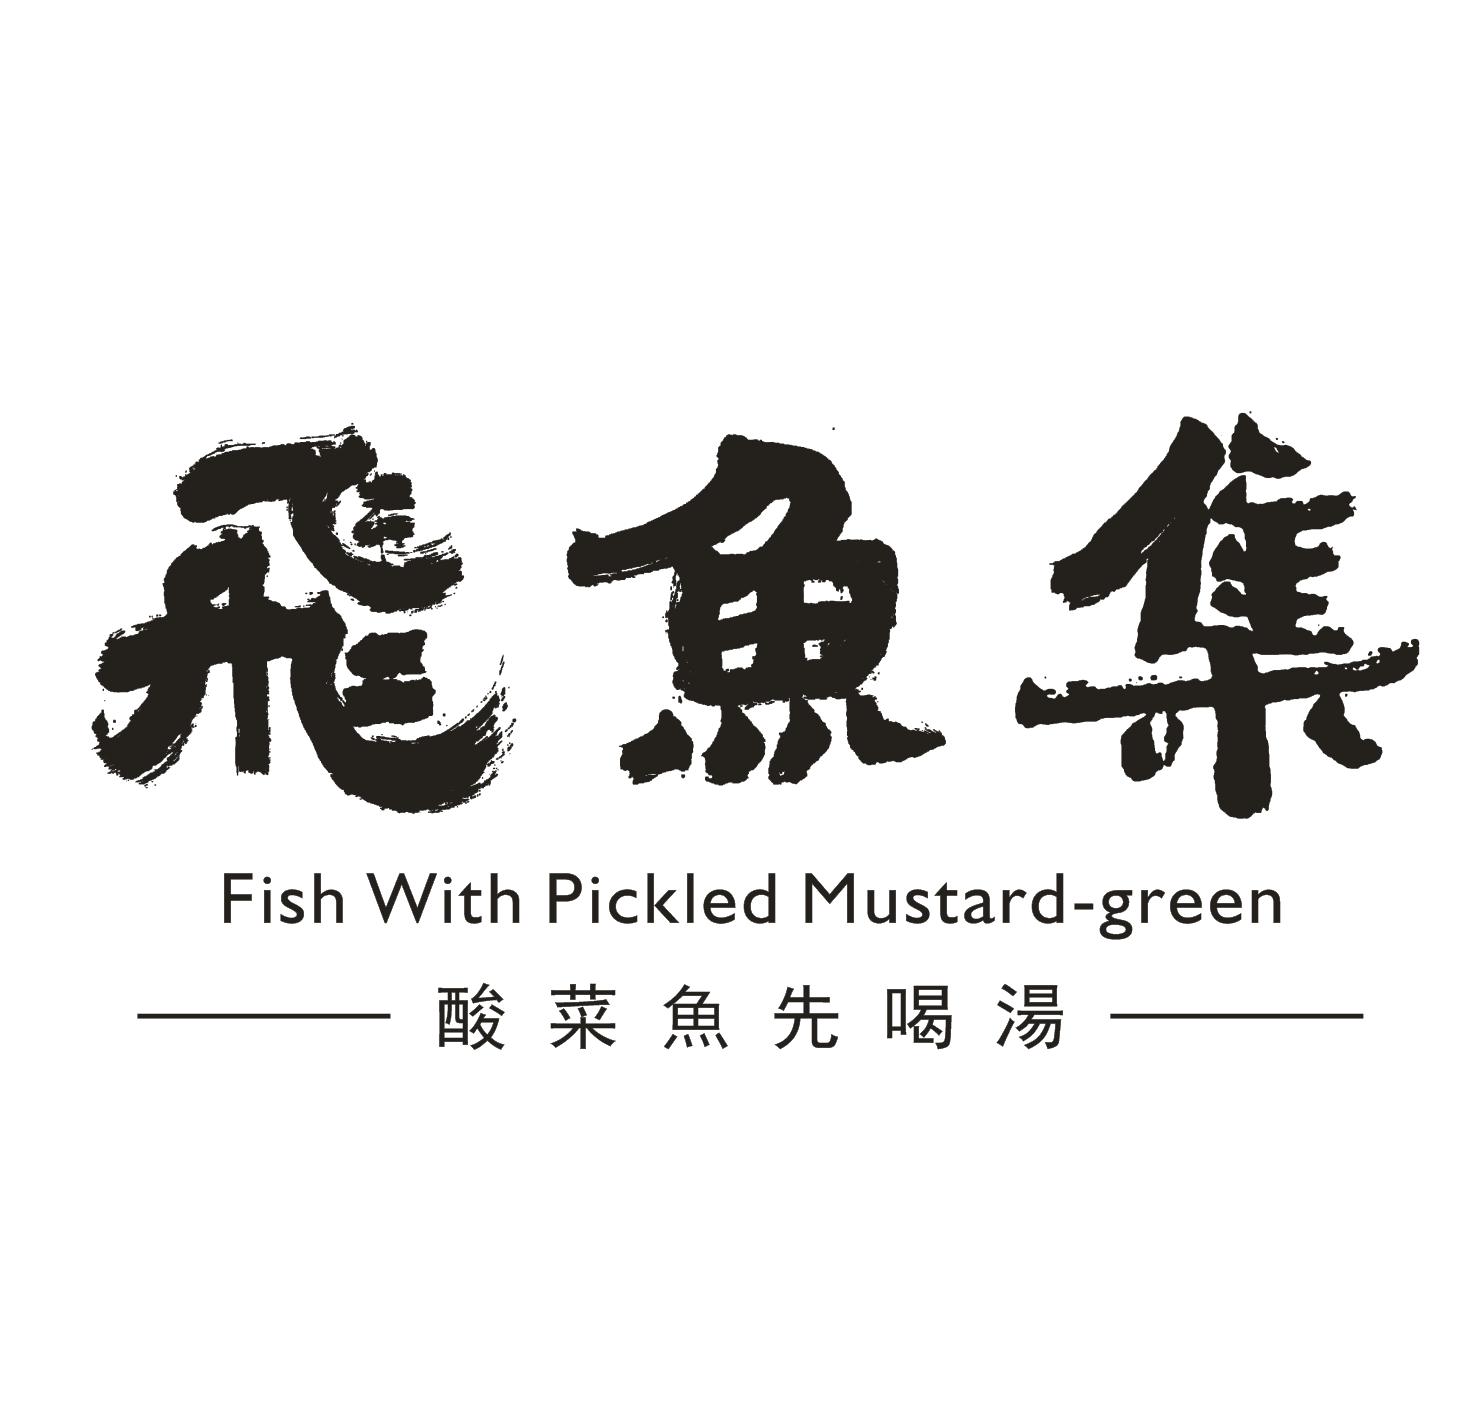 广州飞鱼集餐饮管理有限公司